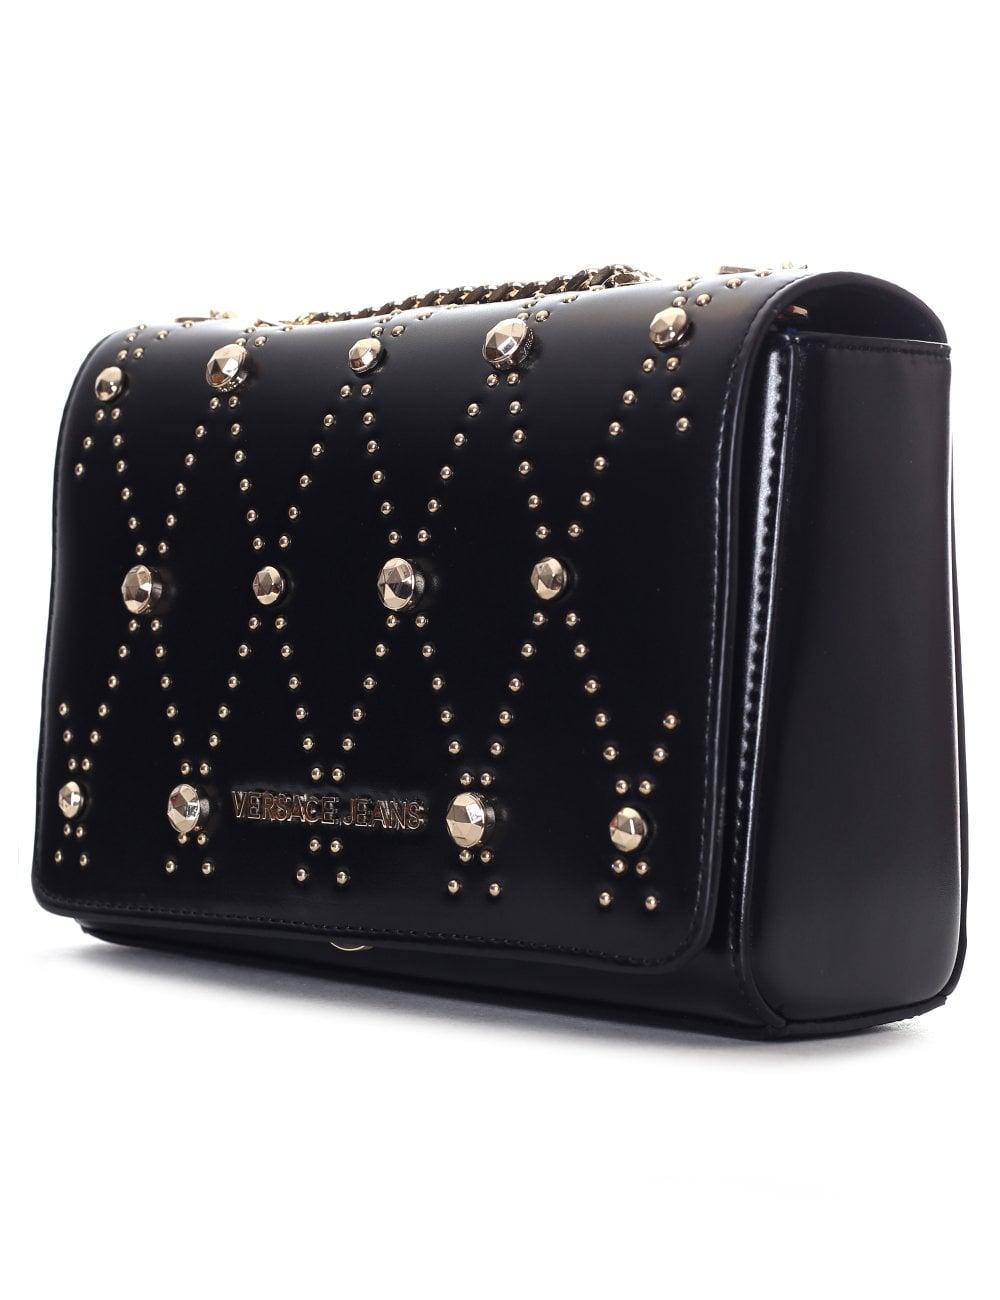 Versace Jeans Women s Studded Shoulder Bag a97c9e98ca859